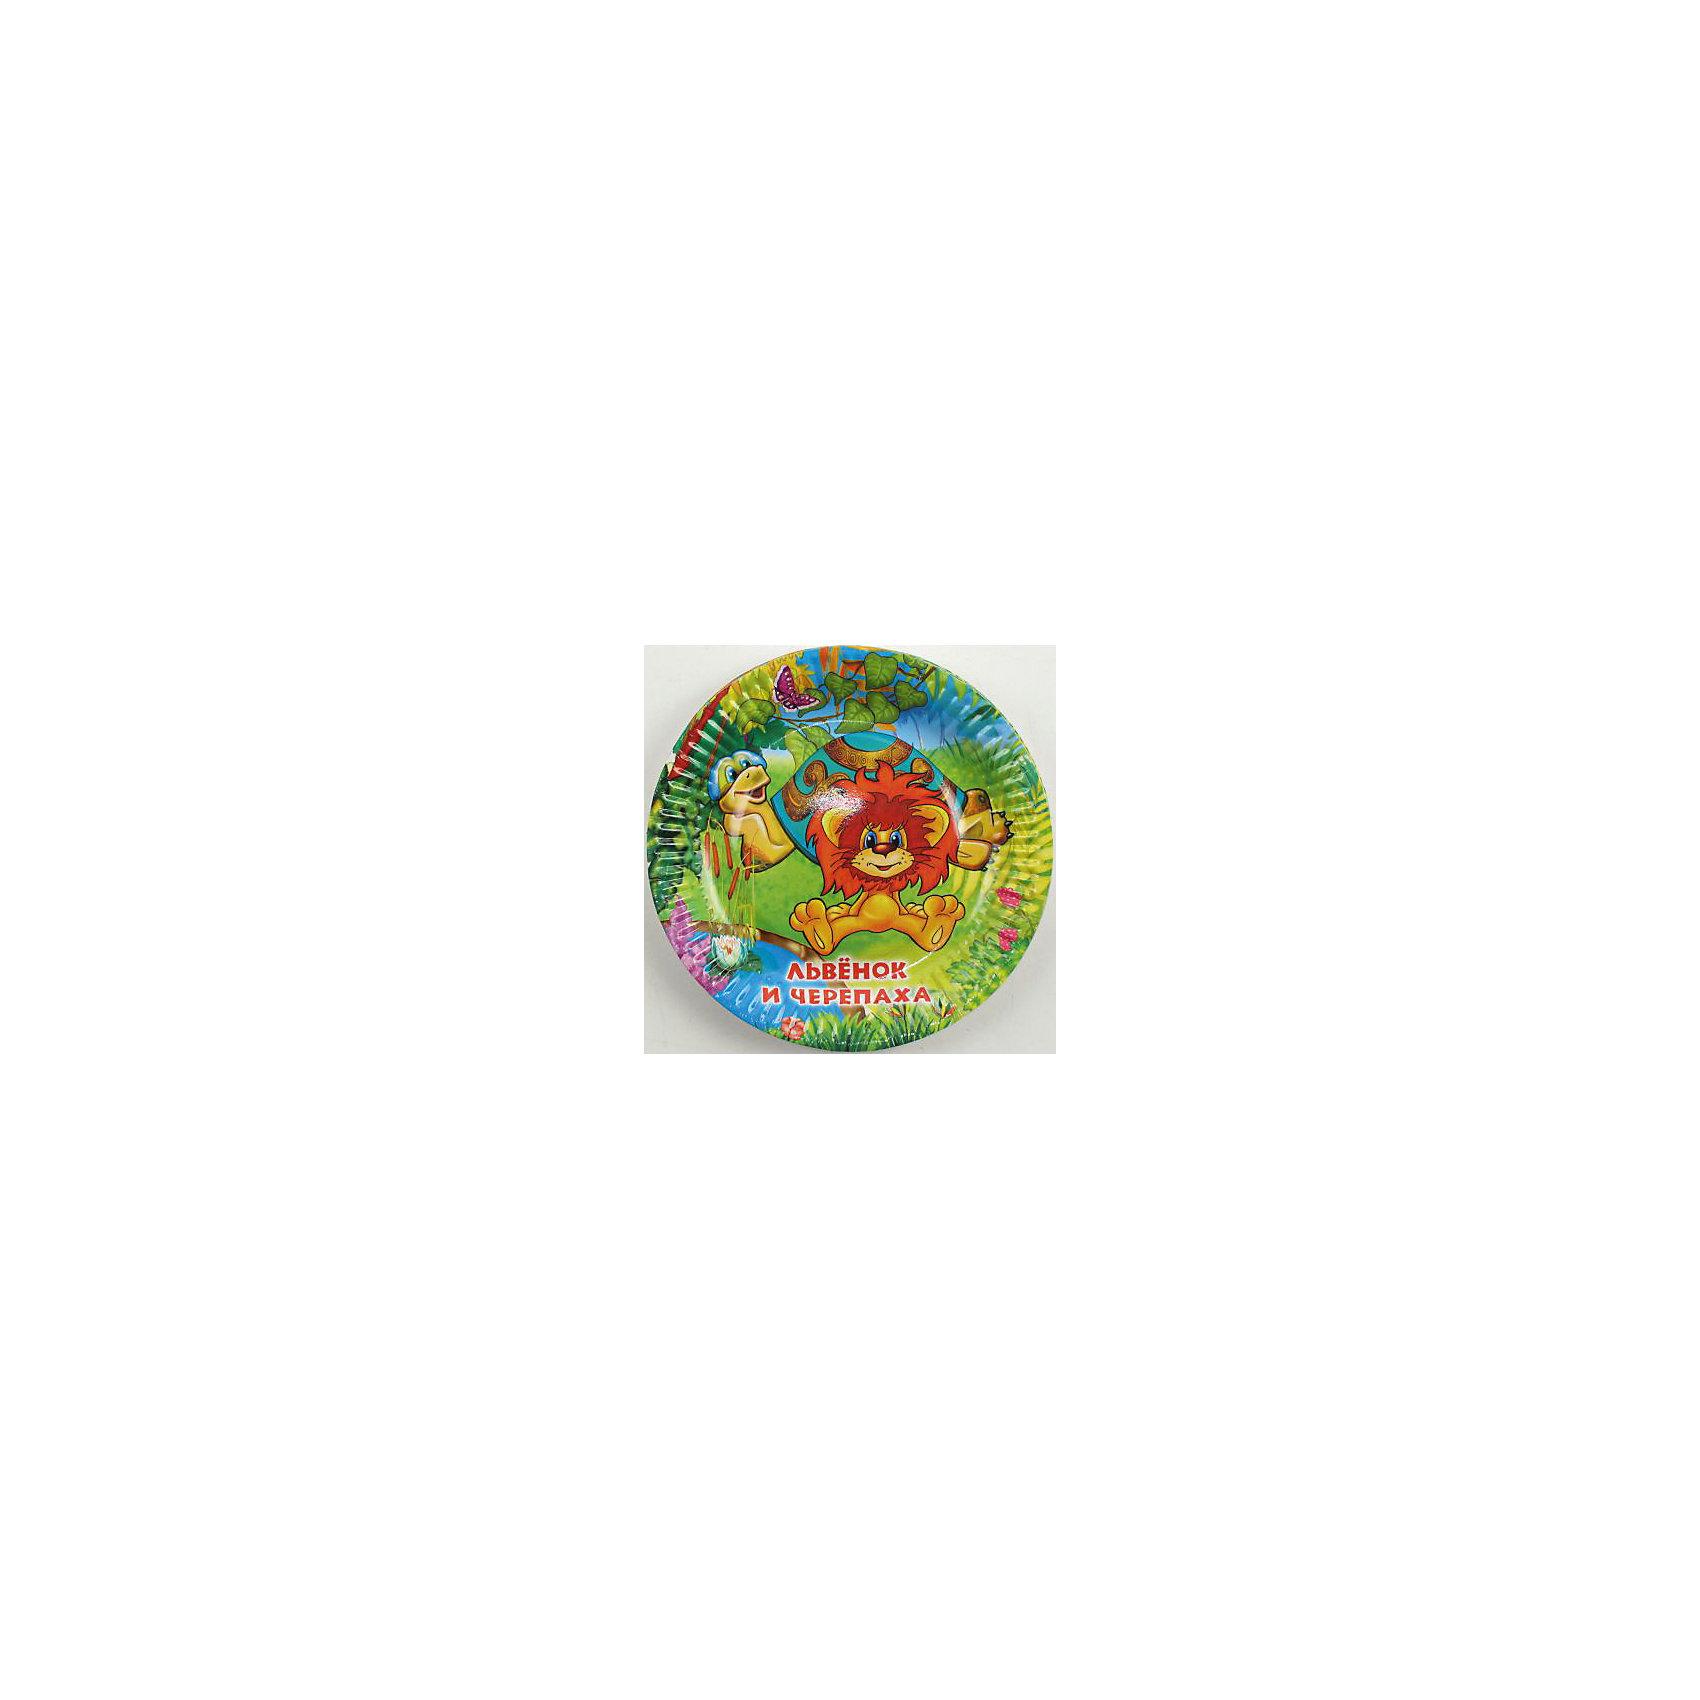 Набор из 6-и тарелок Львёнок и ЧерепахаМилые иллюстрации с героями замечательного советского мультфильма дополнят любой обеденный и праздничный стол и подарят положительные эмоции. <br><br>Дополнительная информация:<br><br>- Материал: плотный картон.<br>- Комплект: 6 шт.<br>- Диаметр: 18 см.<br>- Размер упаковки: 20х26х2 см.<br>- Вес в упаковке: 70 г.<br><br>Купить набор из 6-ти тарелок Львёнок и Черепаха можно в нашем магазине.<br><br>Ширина мм: 20<br>Глубина мм: 26<br>Высота мм: 2<br>Вес г: 70<br>Возраст от месяцев: 12<br>Возраст до месяцев: 2147483647<br>Пол: Унисекс<br>Возраст: Детский<br>SKU: 4797413